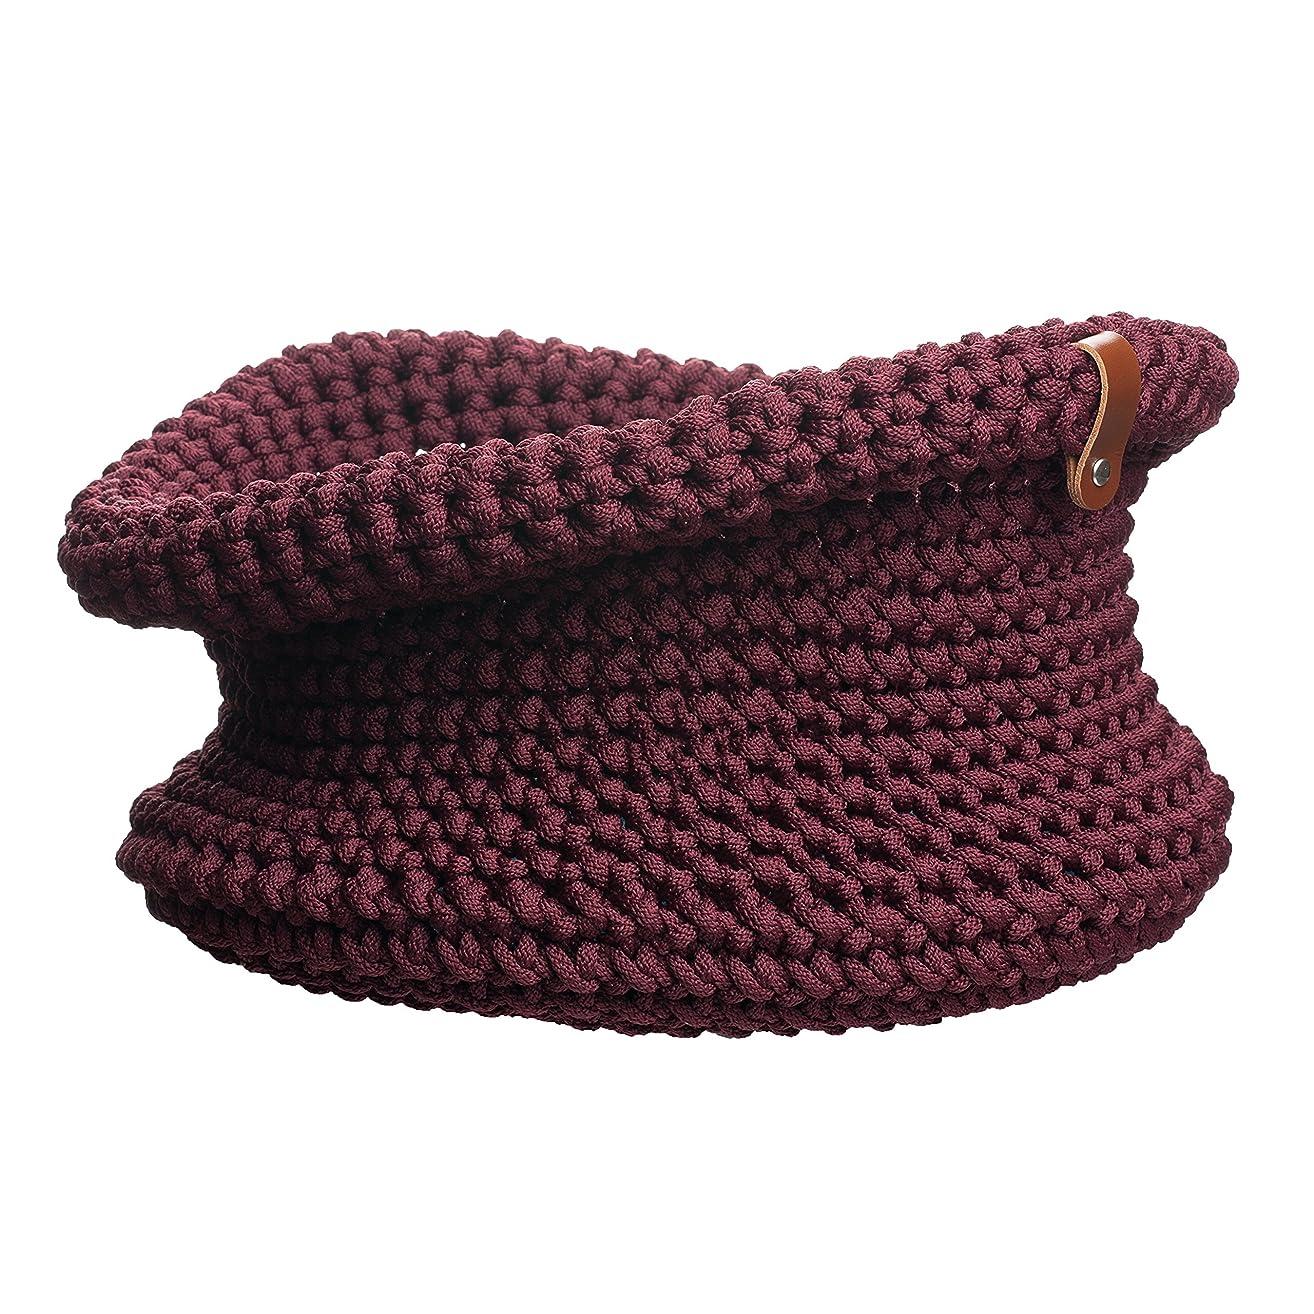 Dark Red Knitted Basket H10